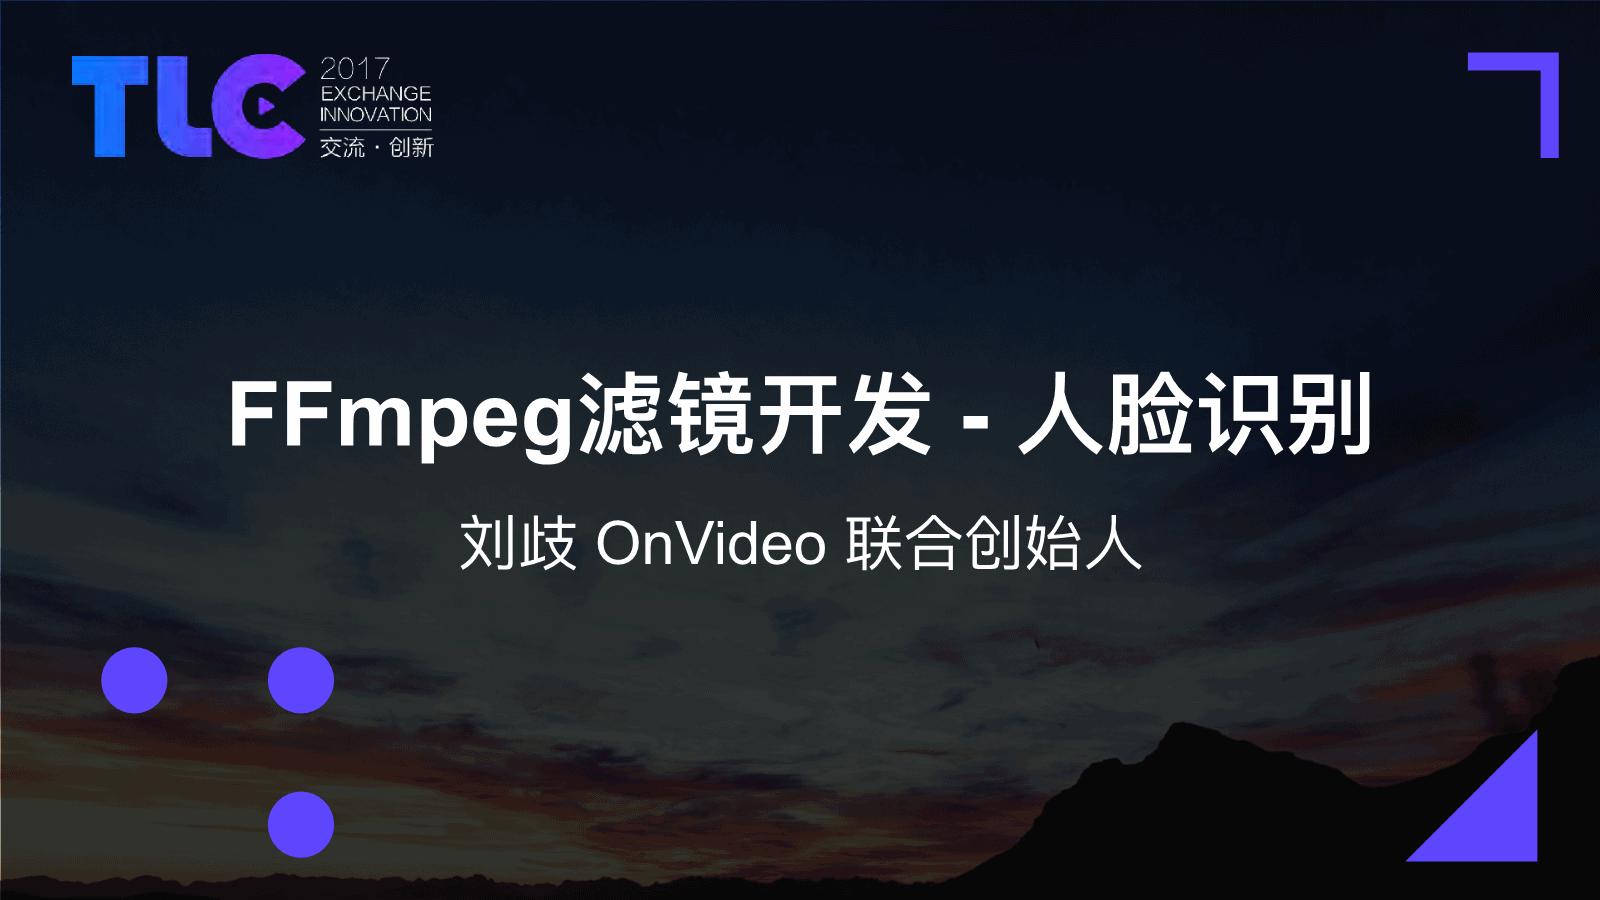 刘歧-FFmpeg滤镜开发人脸识别